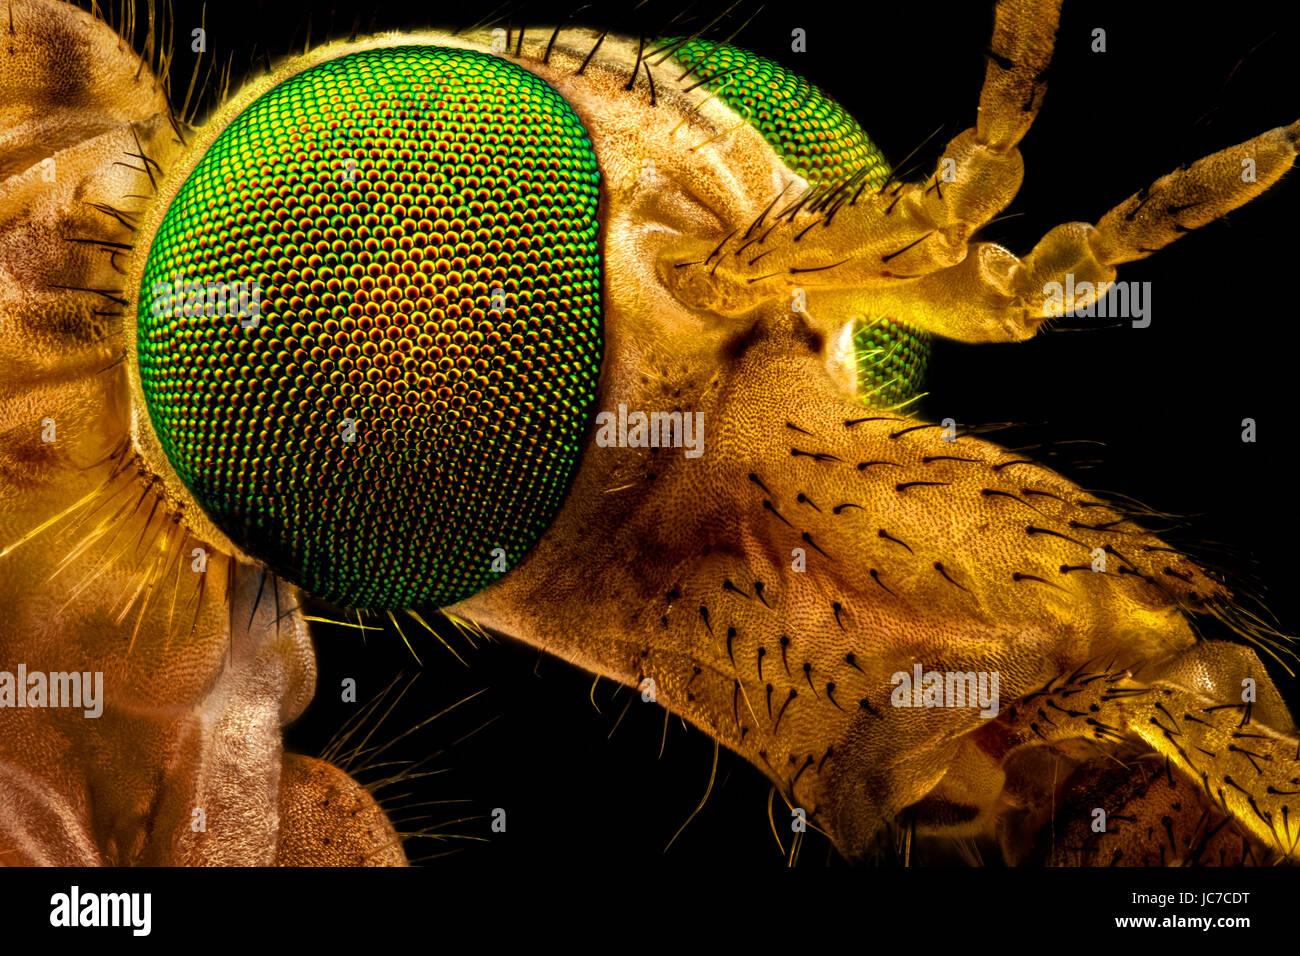 Macro extrême - portrait d'un green eyed tipule, magnifié par l'intermédiaire d'un microscope Photo Stock